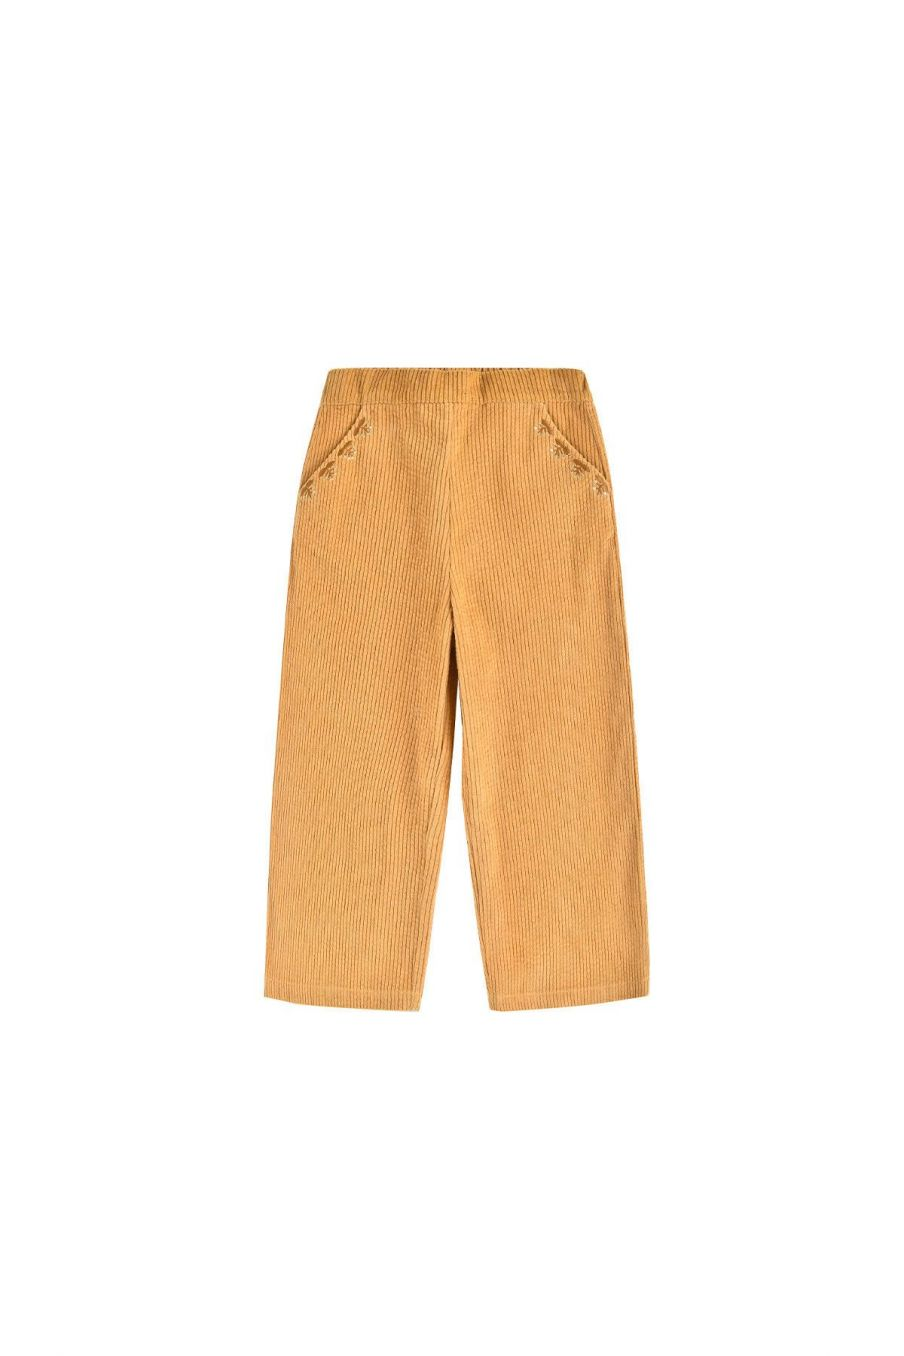 pantalon fille flor camel - louise misha